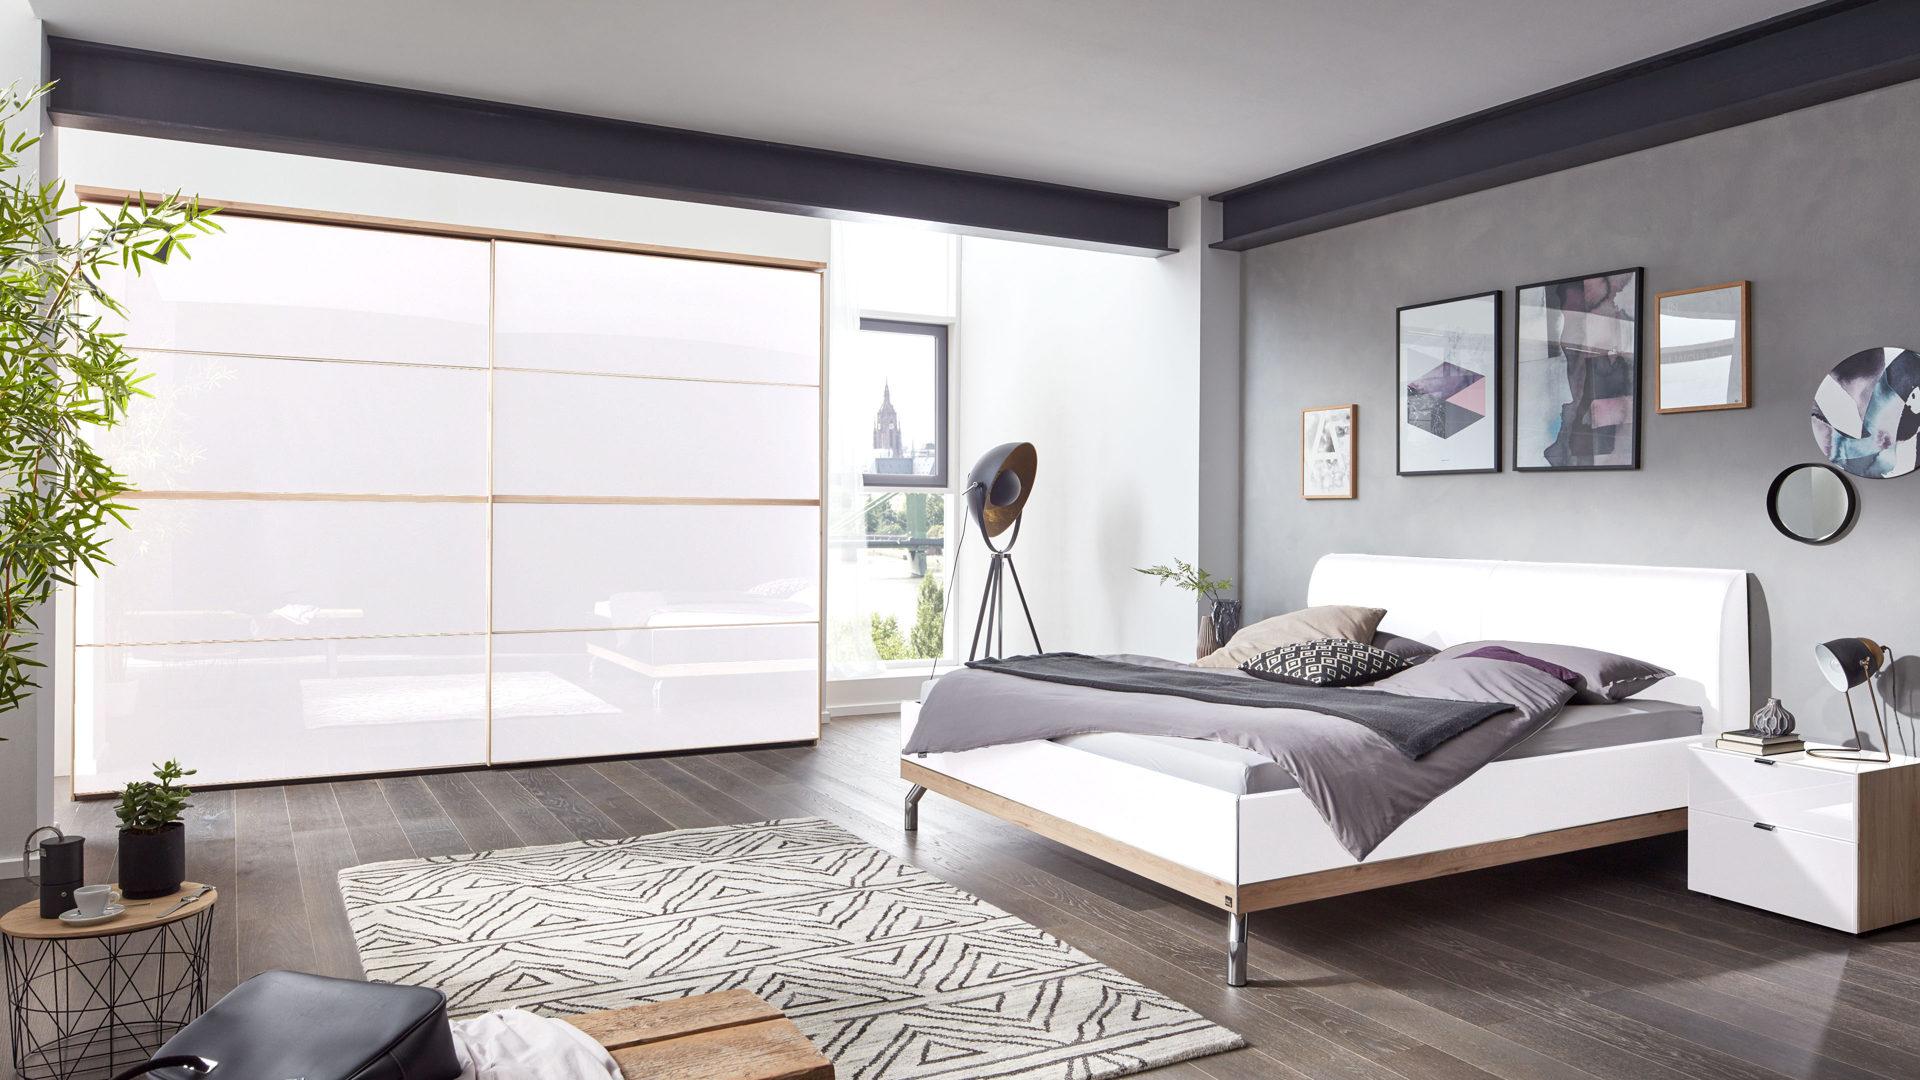 Symylife Wein Glas Design Einzelbett Metall Bettrahmen mit Lattenrost Unterst/ützung G/ästebett Metall Bett Jugendbett f/ür G/ästezimmer Schlafzimmer in schwarz 90 x 190 cm